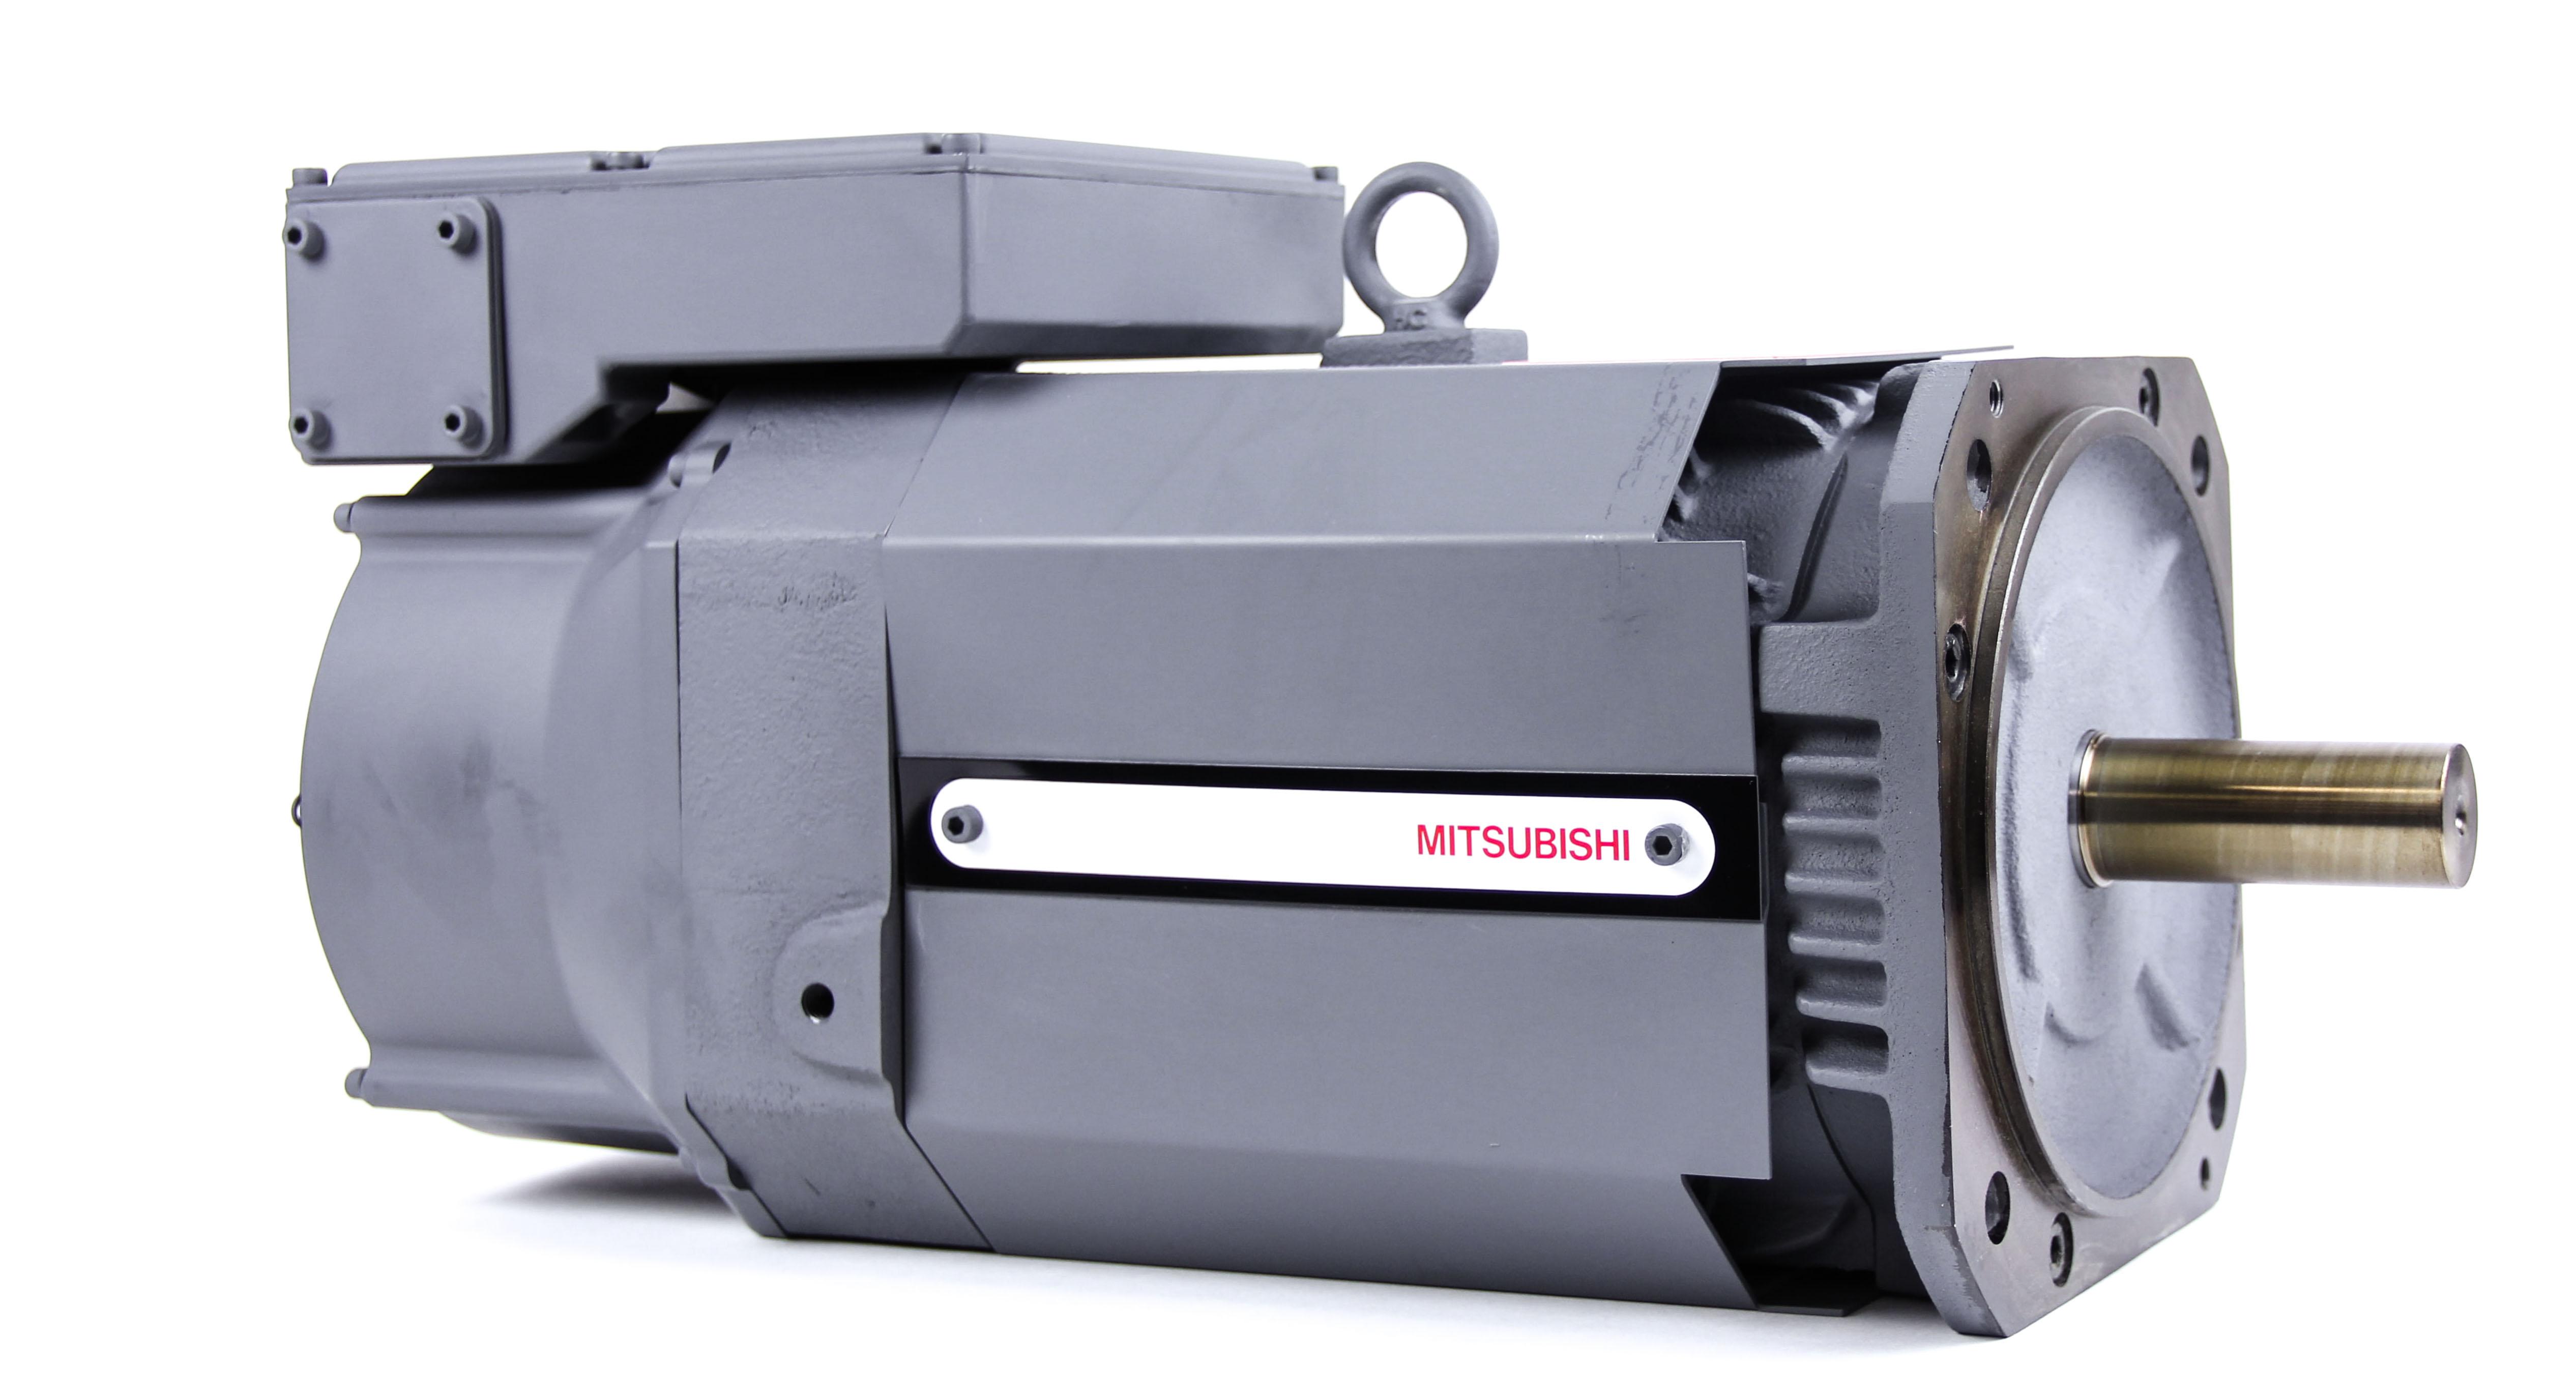 Mitsubishi CNC Spindle Motor Repair